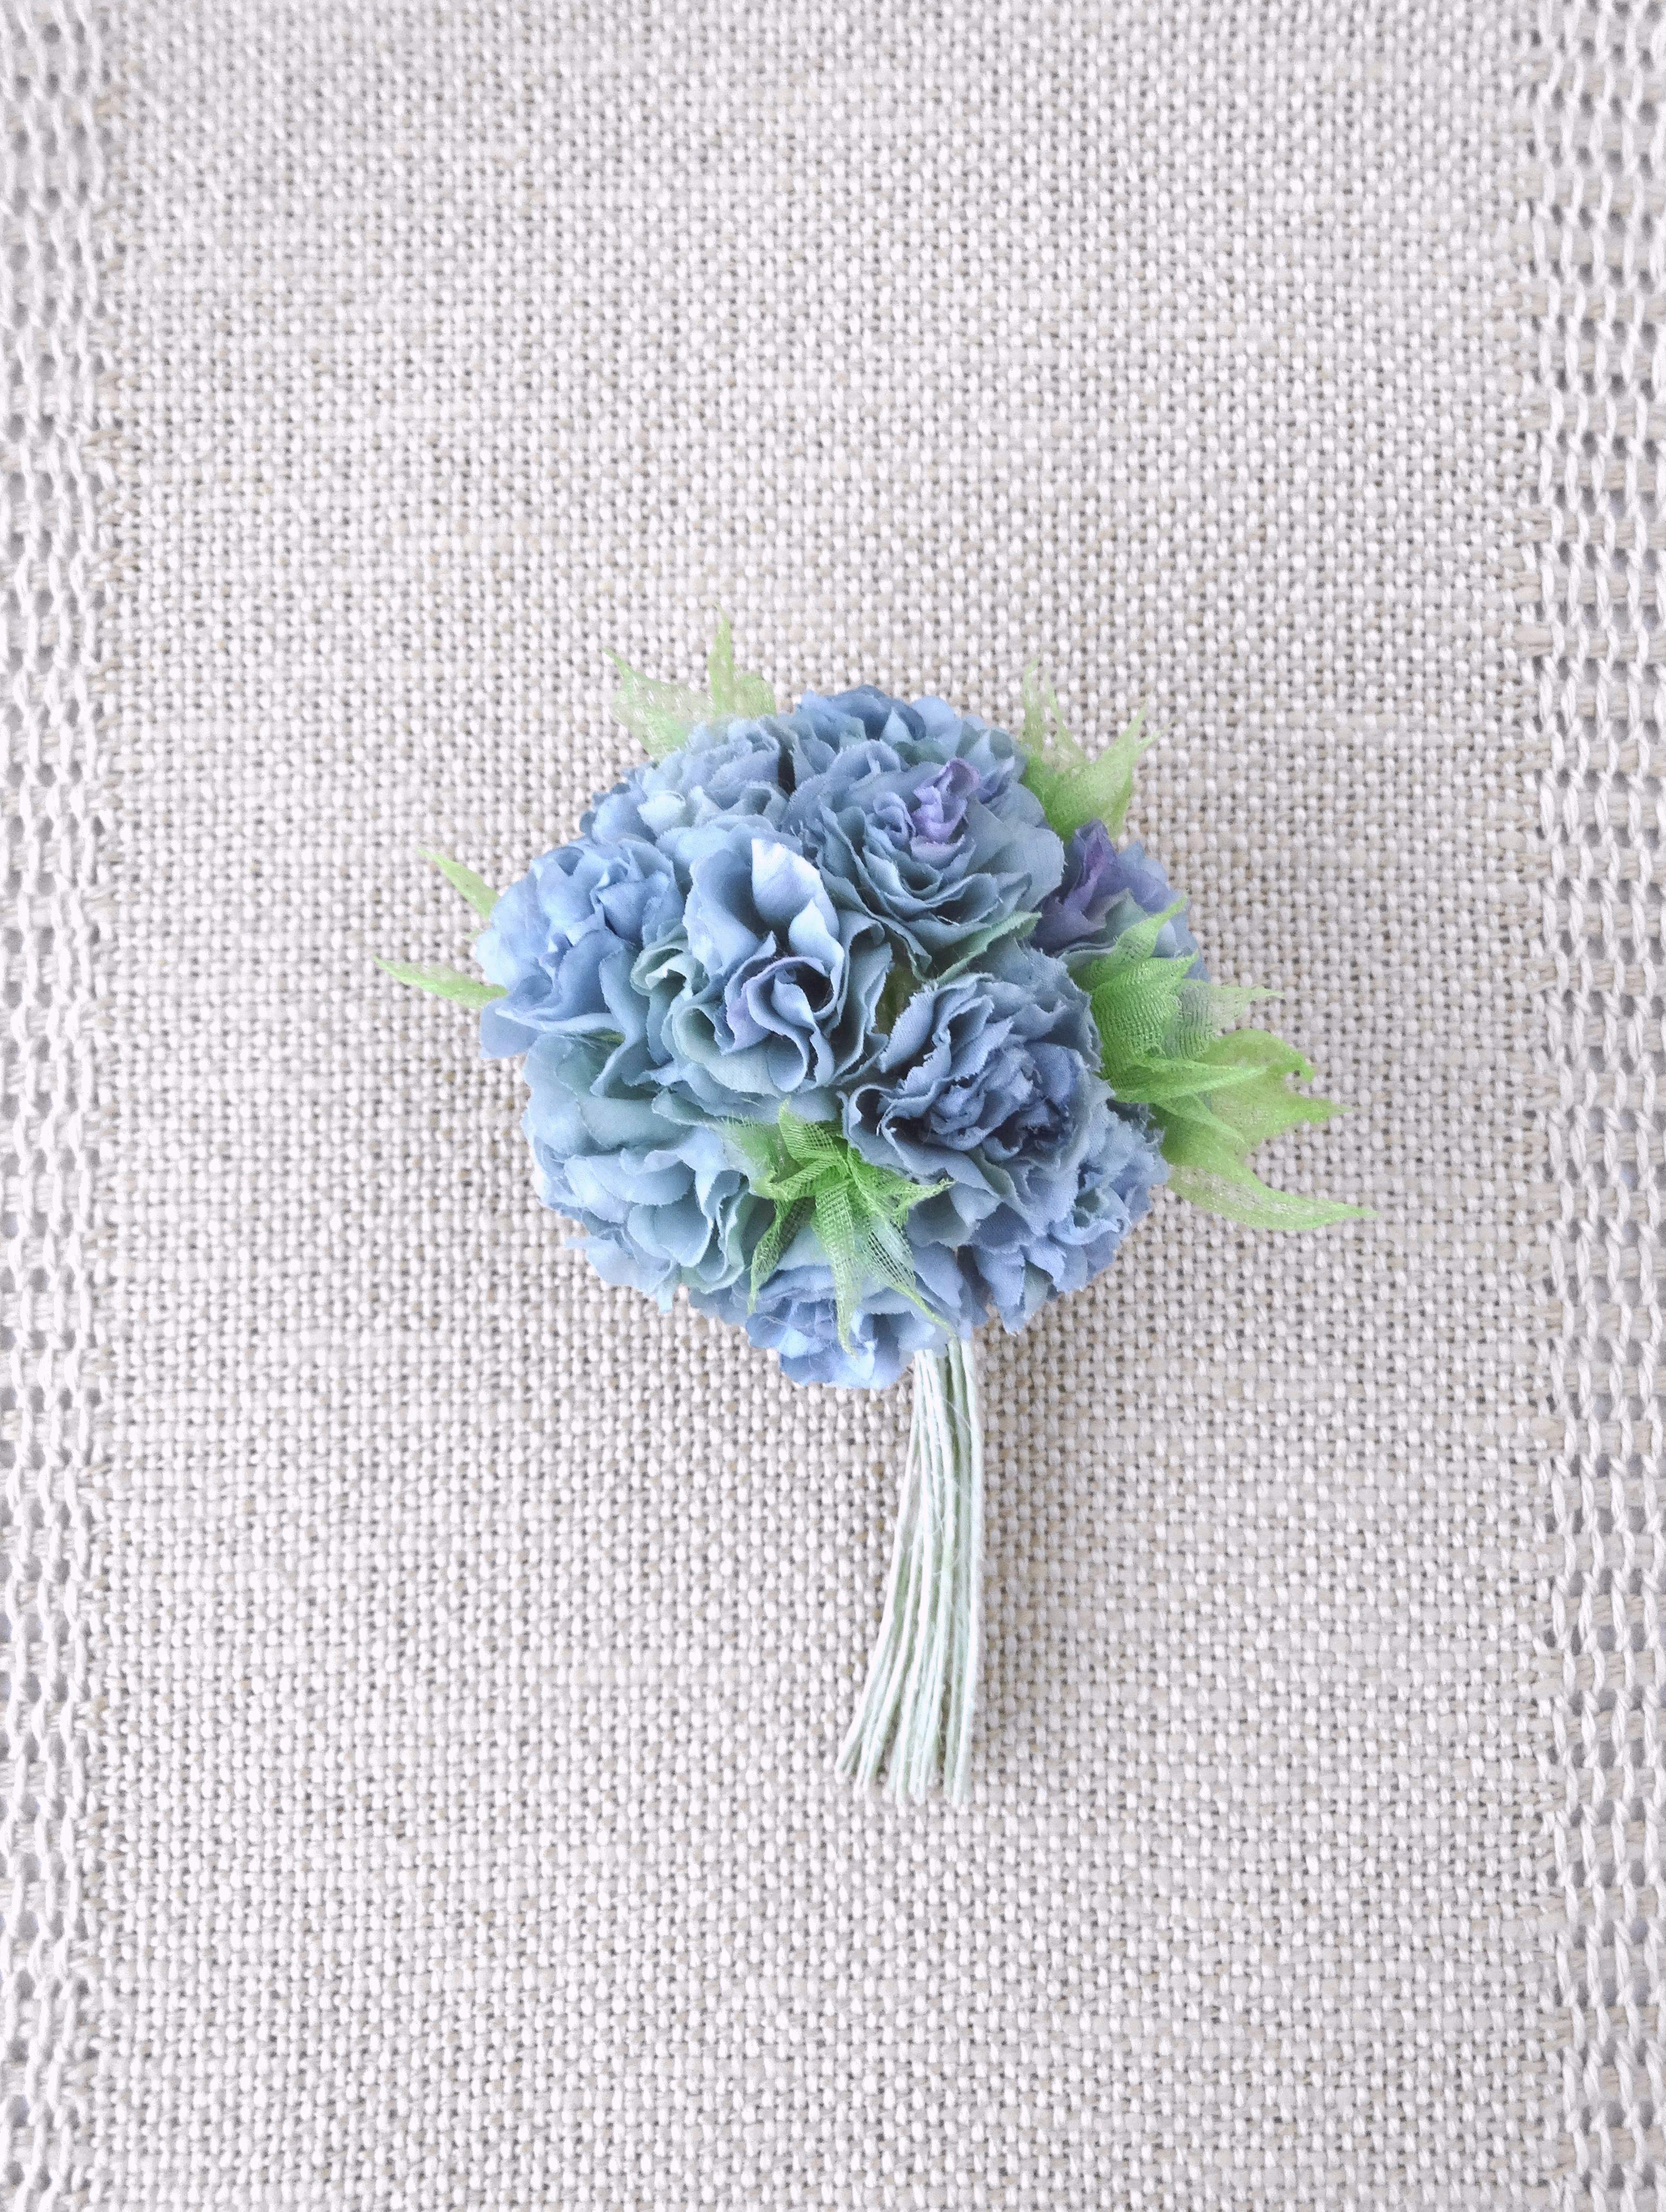 フリル小花のポンポン カーネーション風 ブルーグレー *綿ローン製* コサージュ